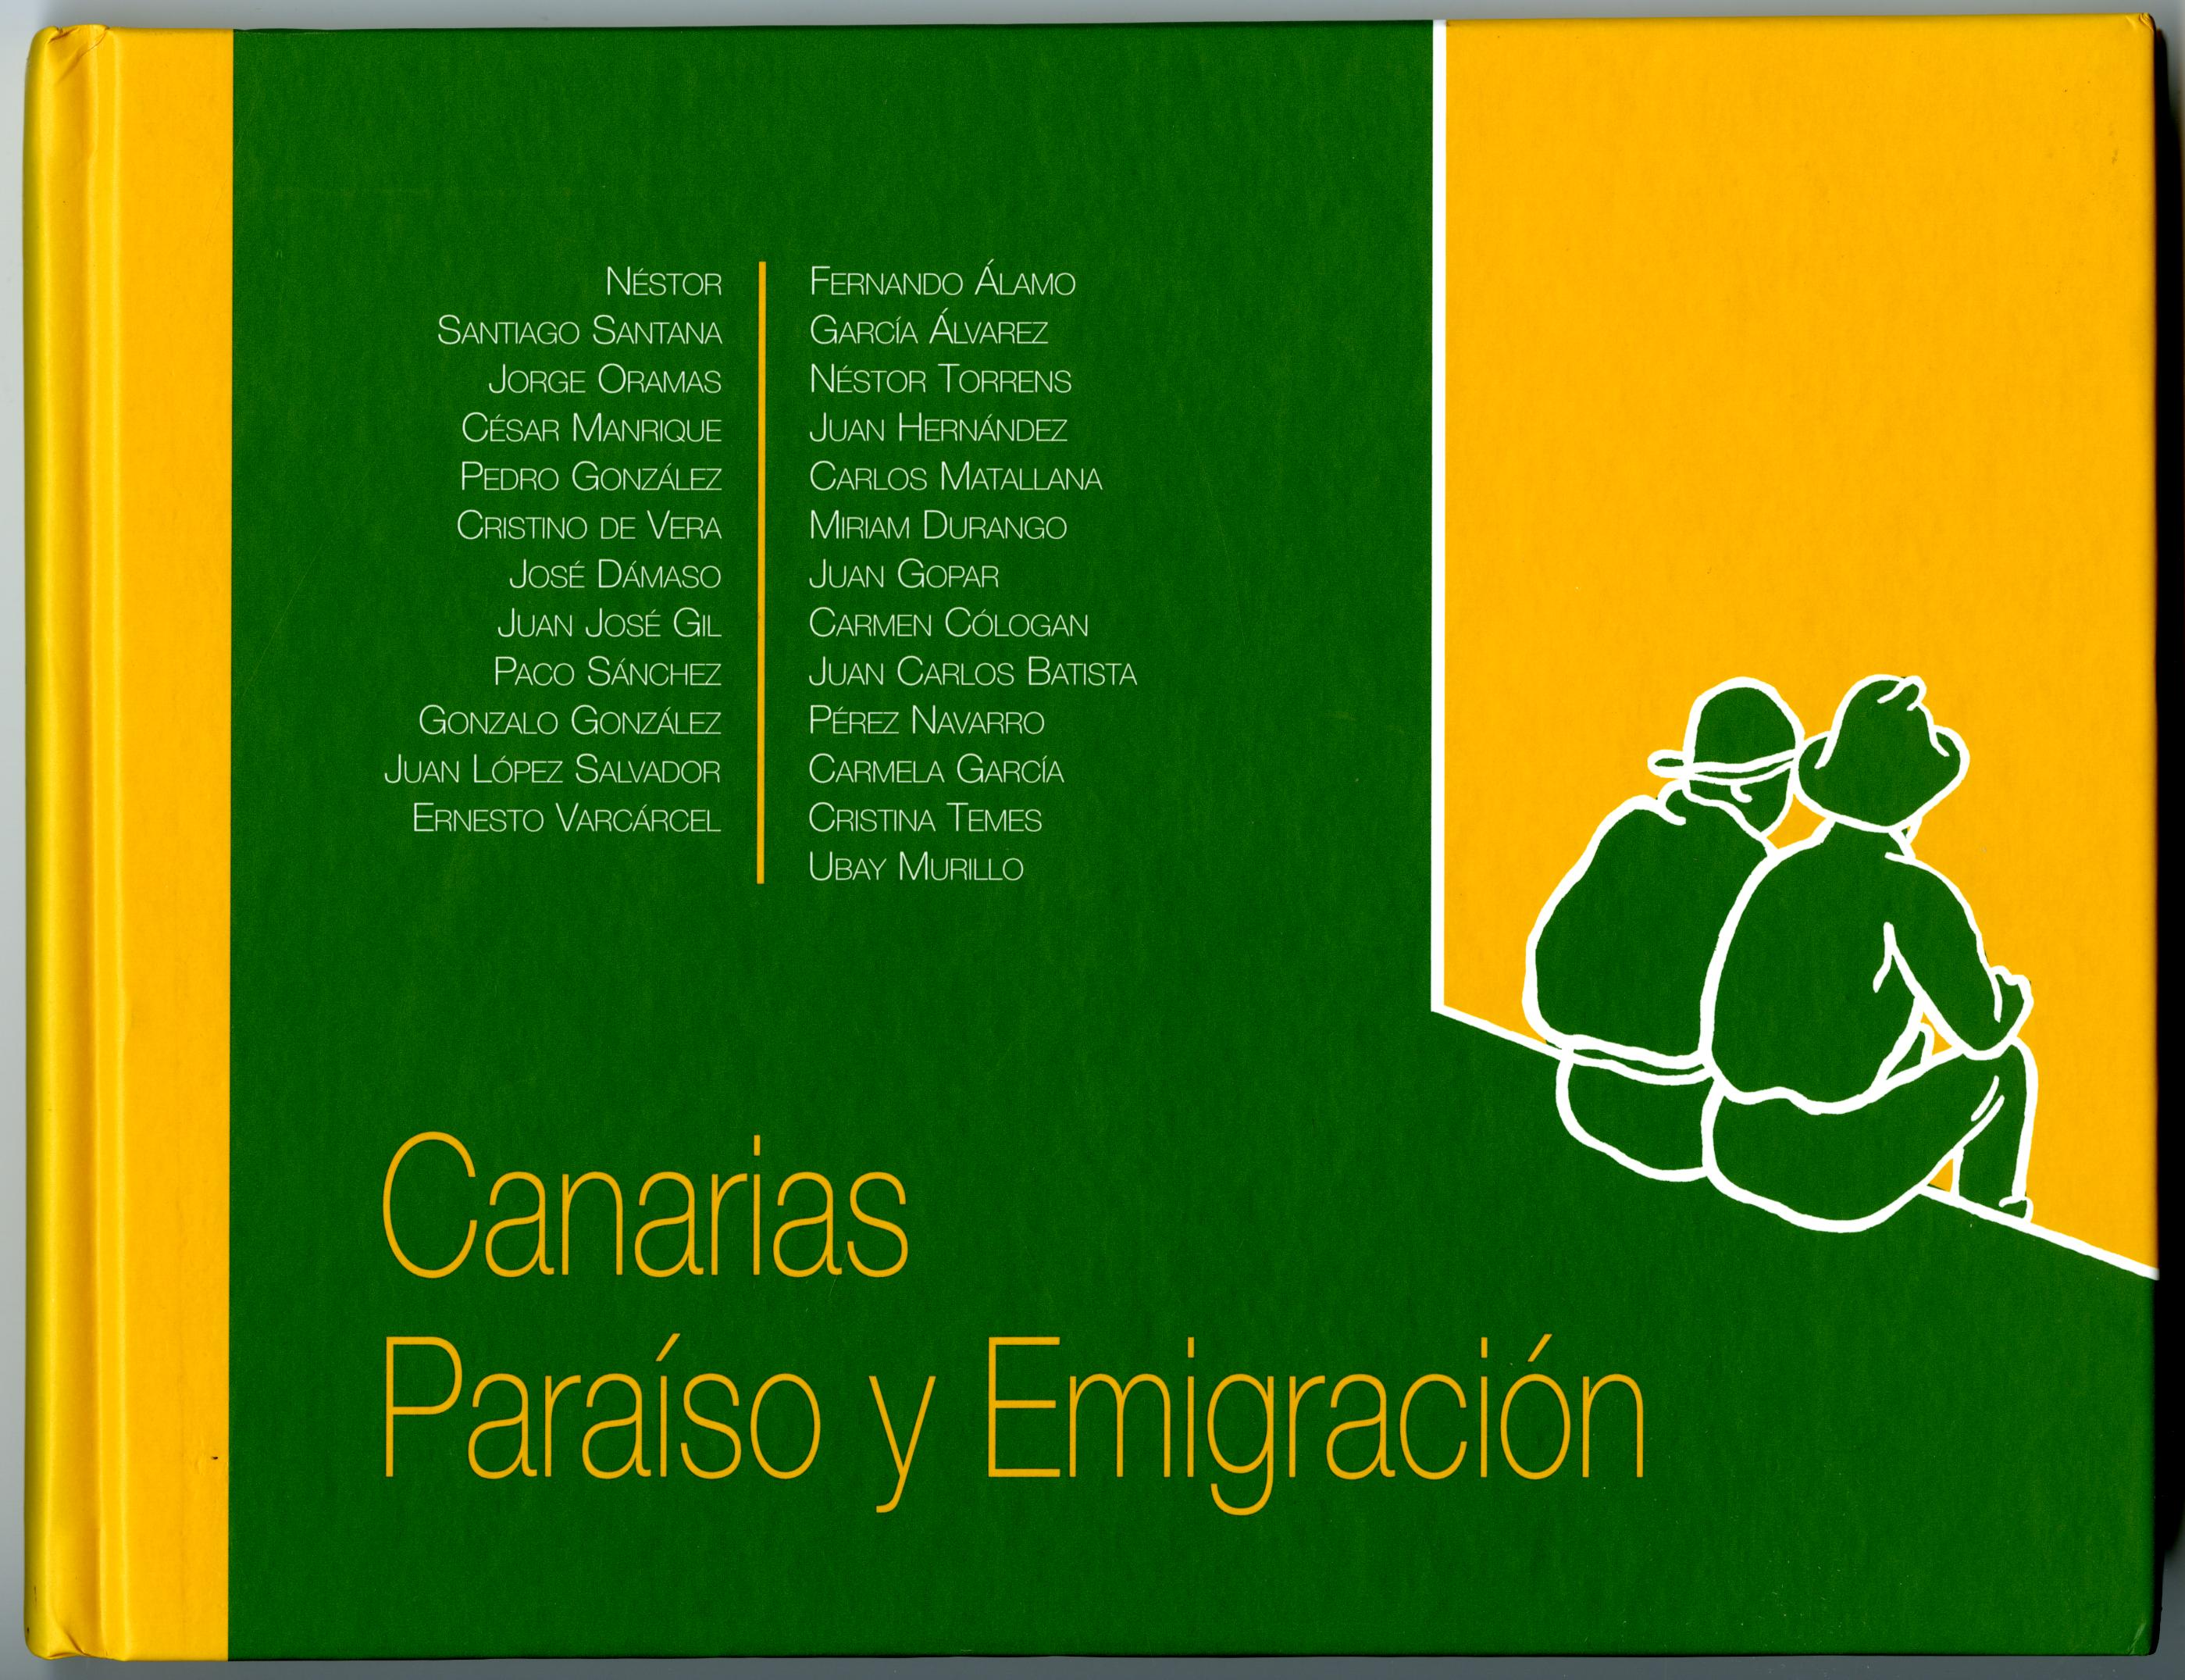 CANARIAS PARAISO Y EMIGRACION